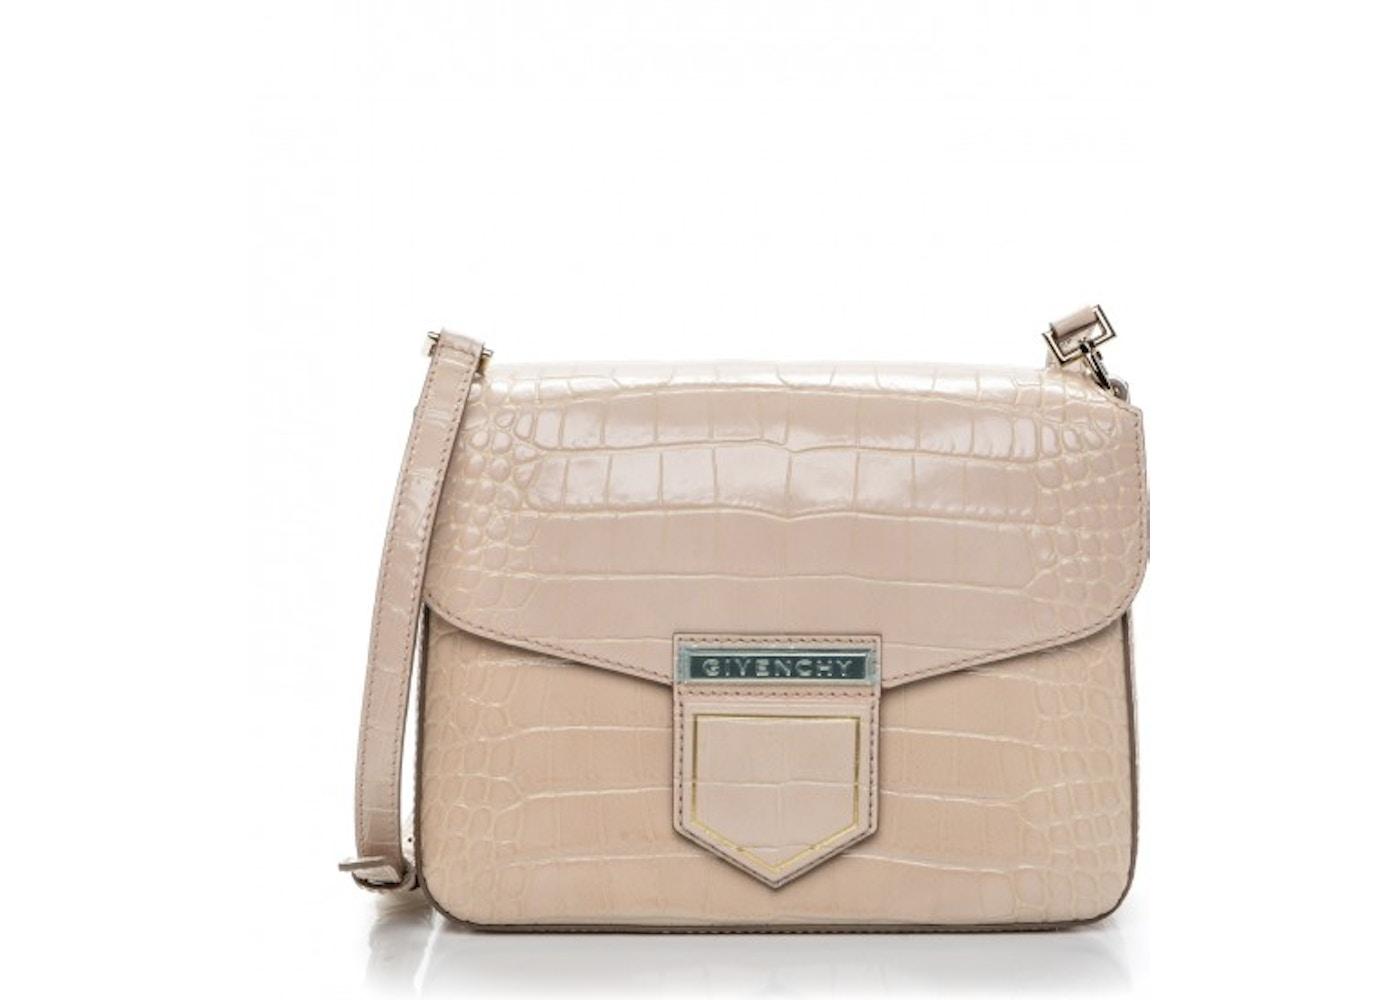 f261ef9608ba Givenchy Nobile Shoulder Croc Stamped Small Nude Pink